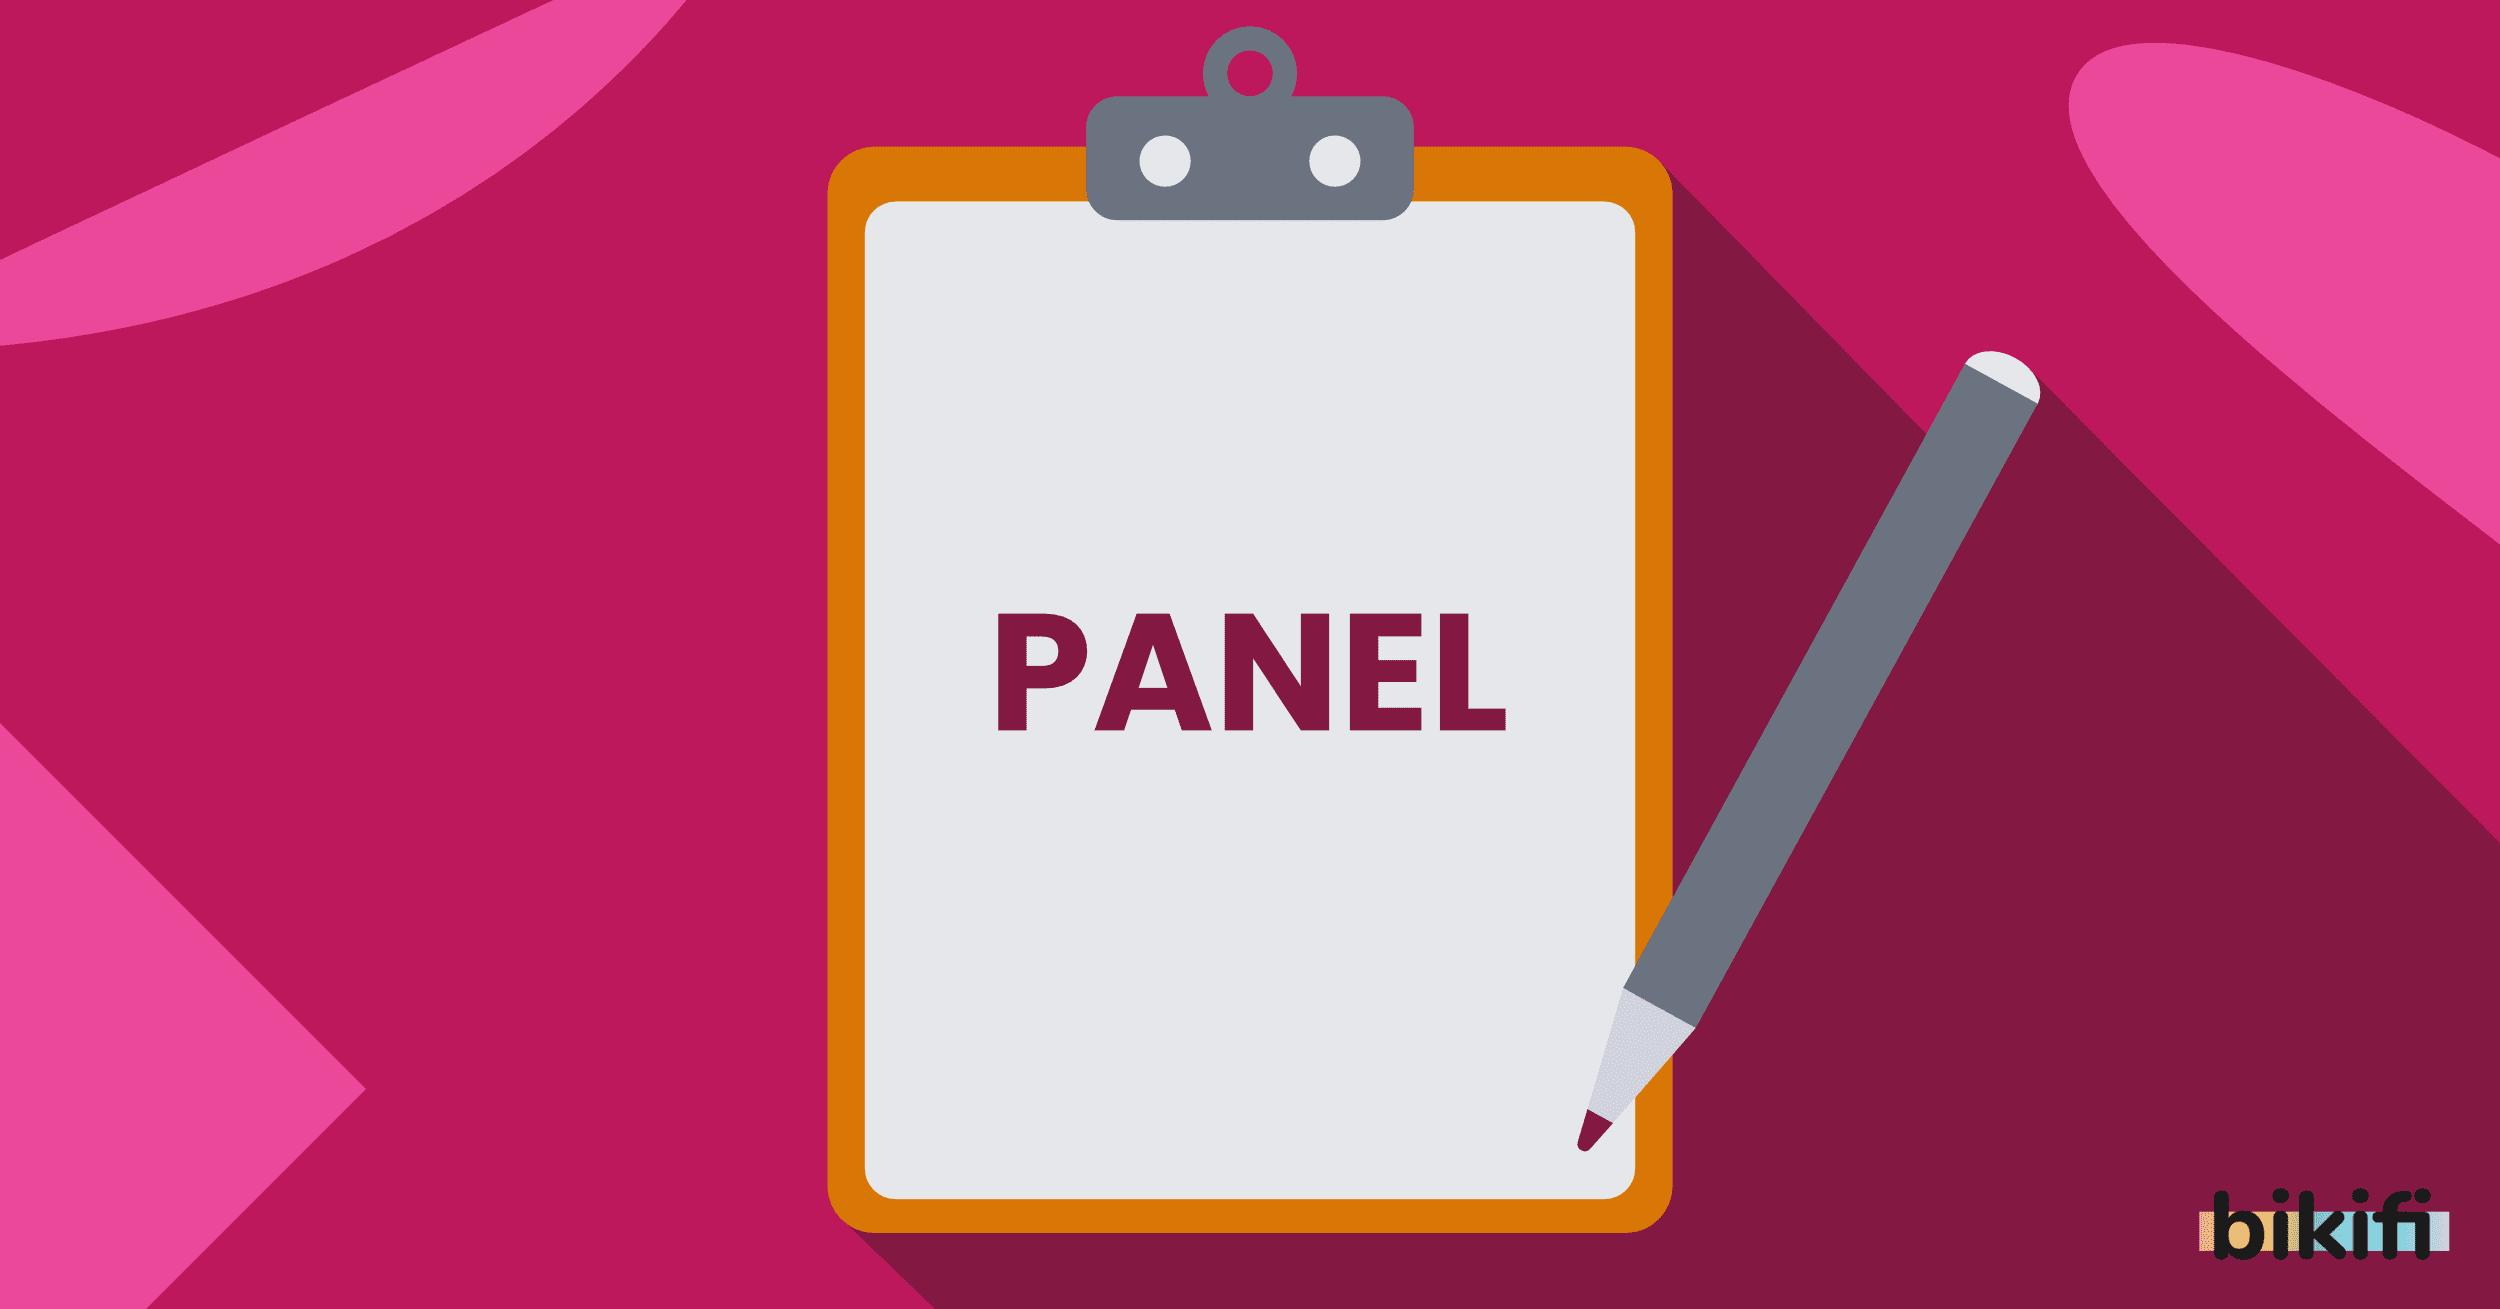 Panel ve Özellikleri, Panel Nedir?